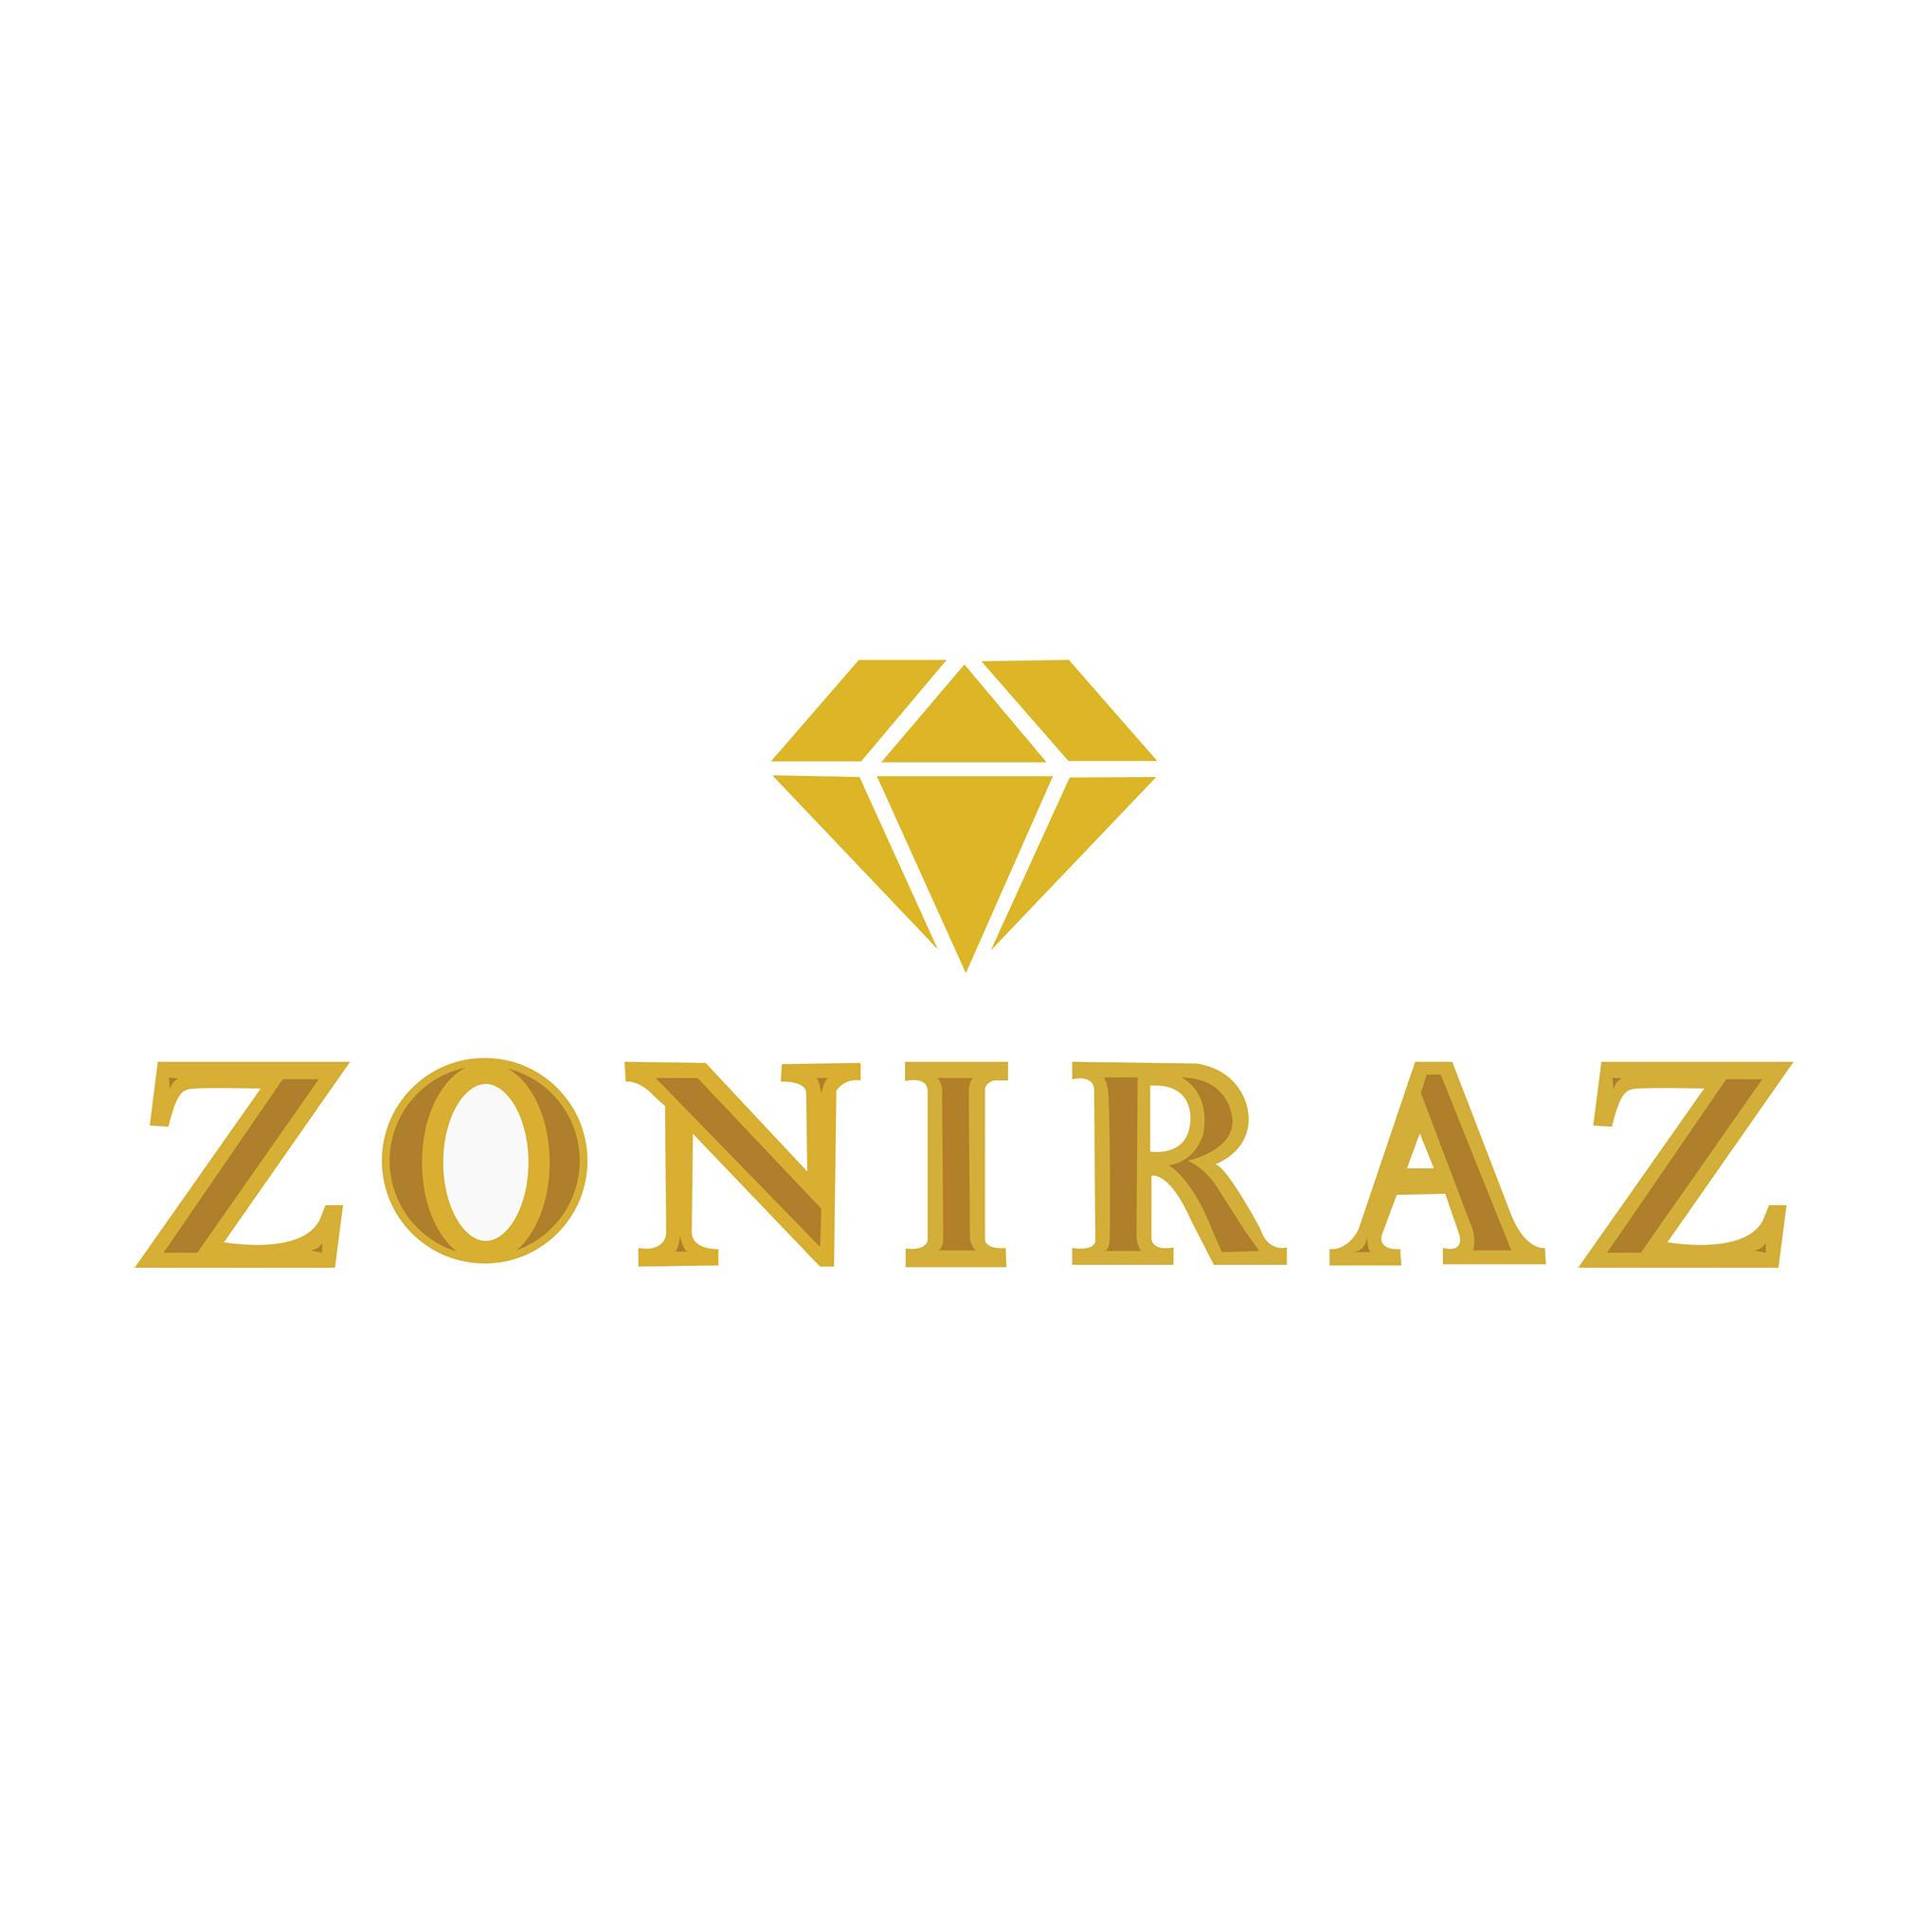 Zoniraz